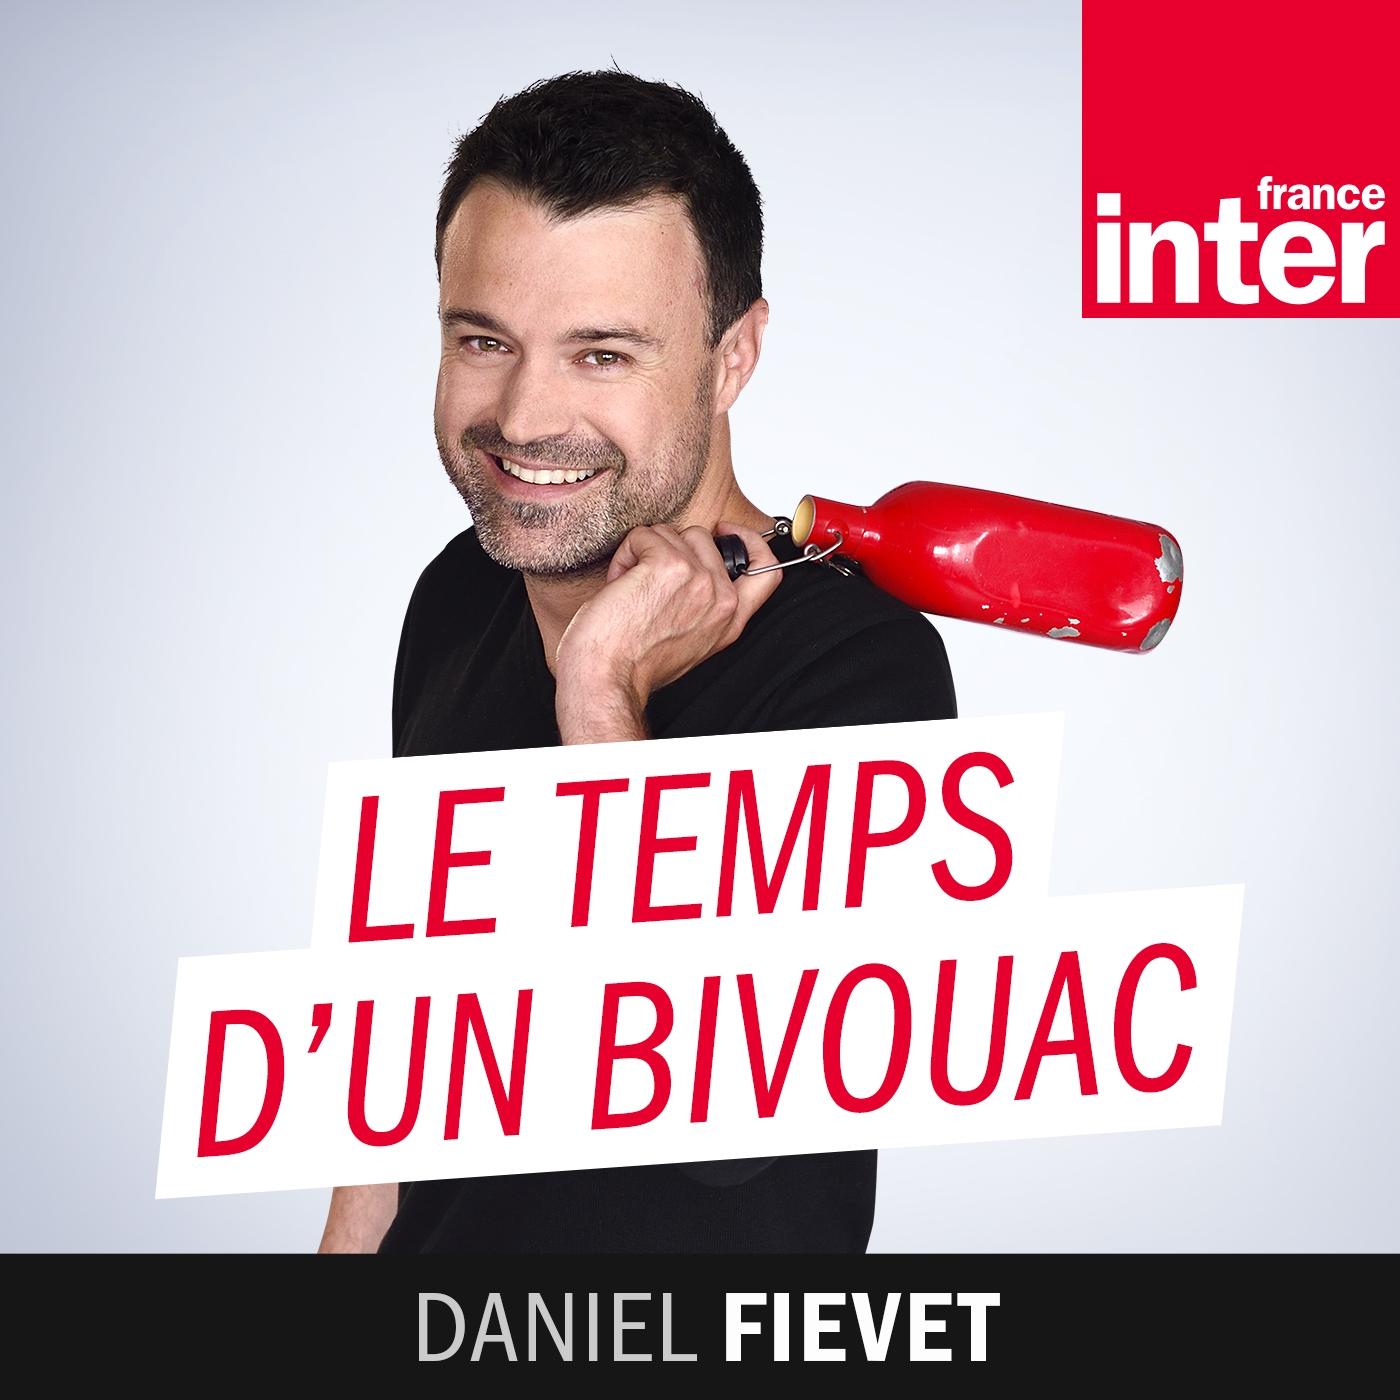 France inter podcast site de rencontre